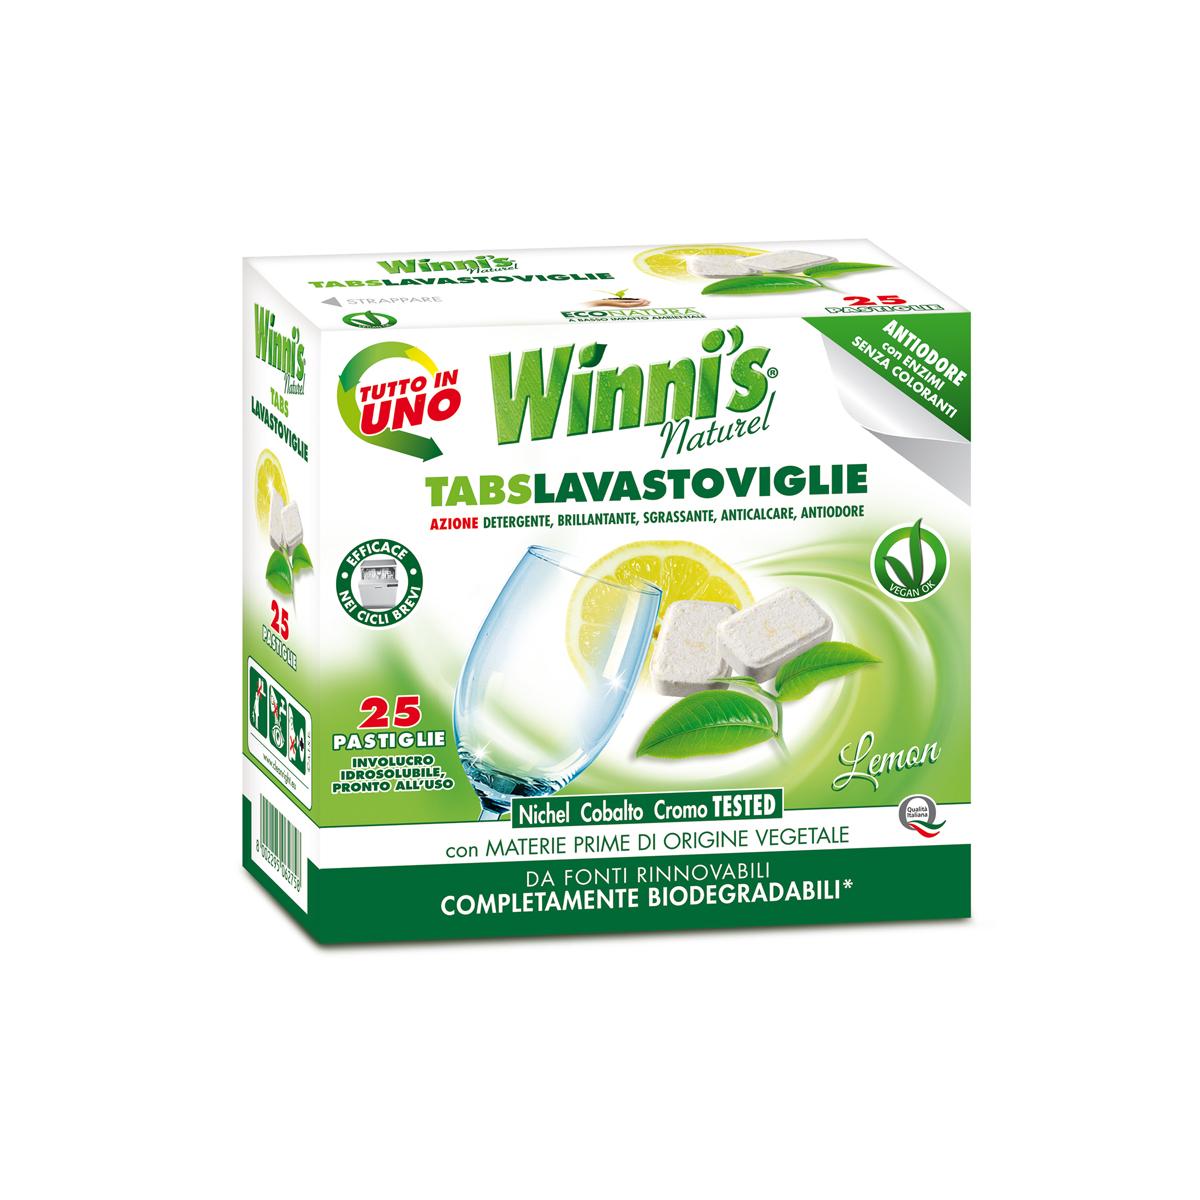 Ekologiškas indaplovių tabletės citrusų aromato WINNI'S, 25 vnt